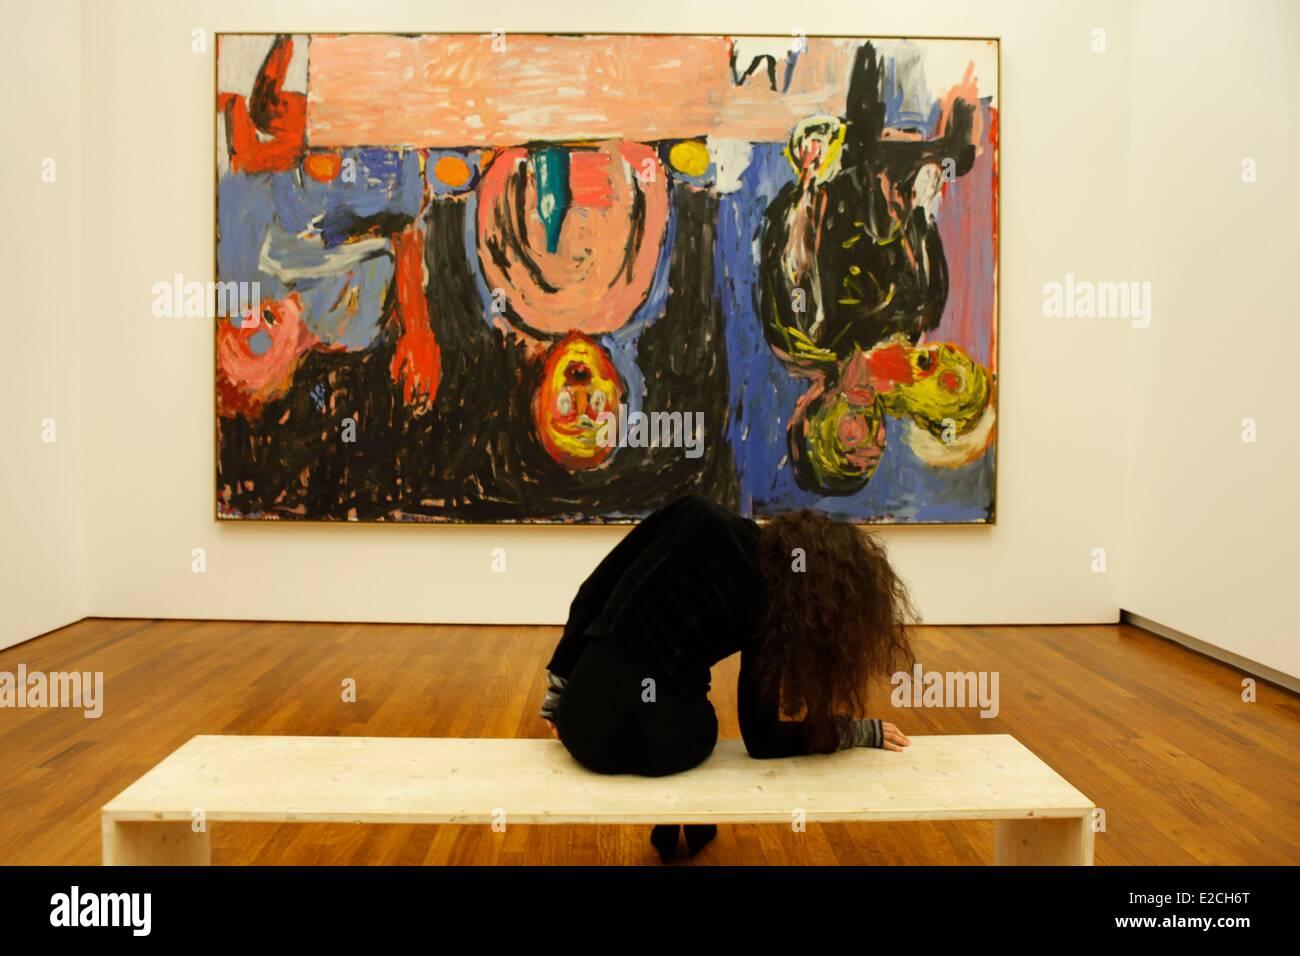 La Svizzera, Zurigo, Kunsthaus (Museo di Arte Moderna), opera di Georg Baselitz, 1938 pasto notte Immagini Stock